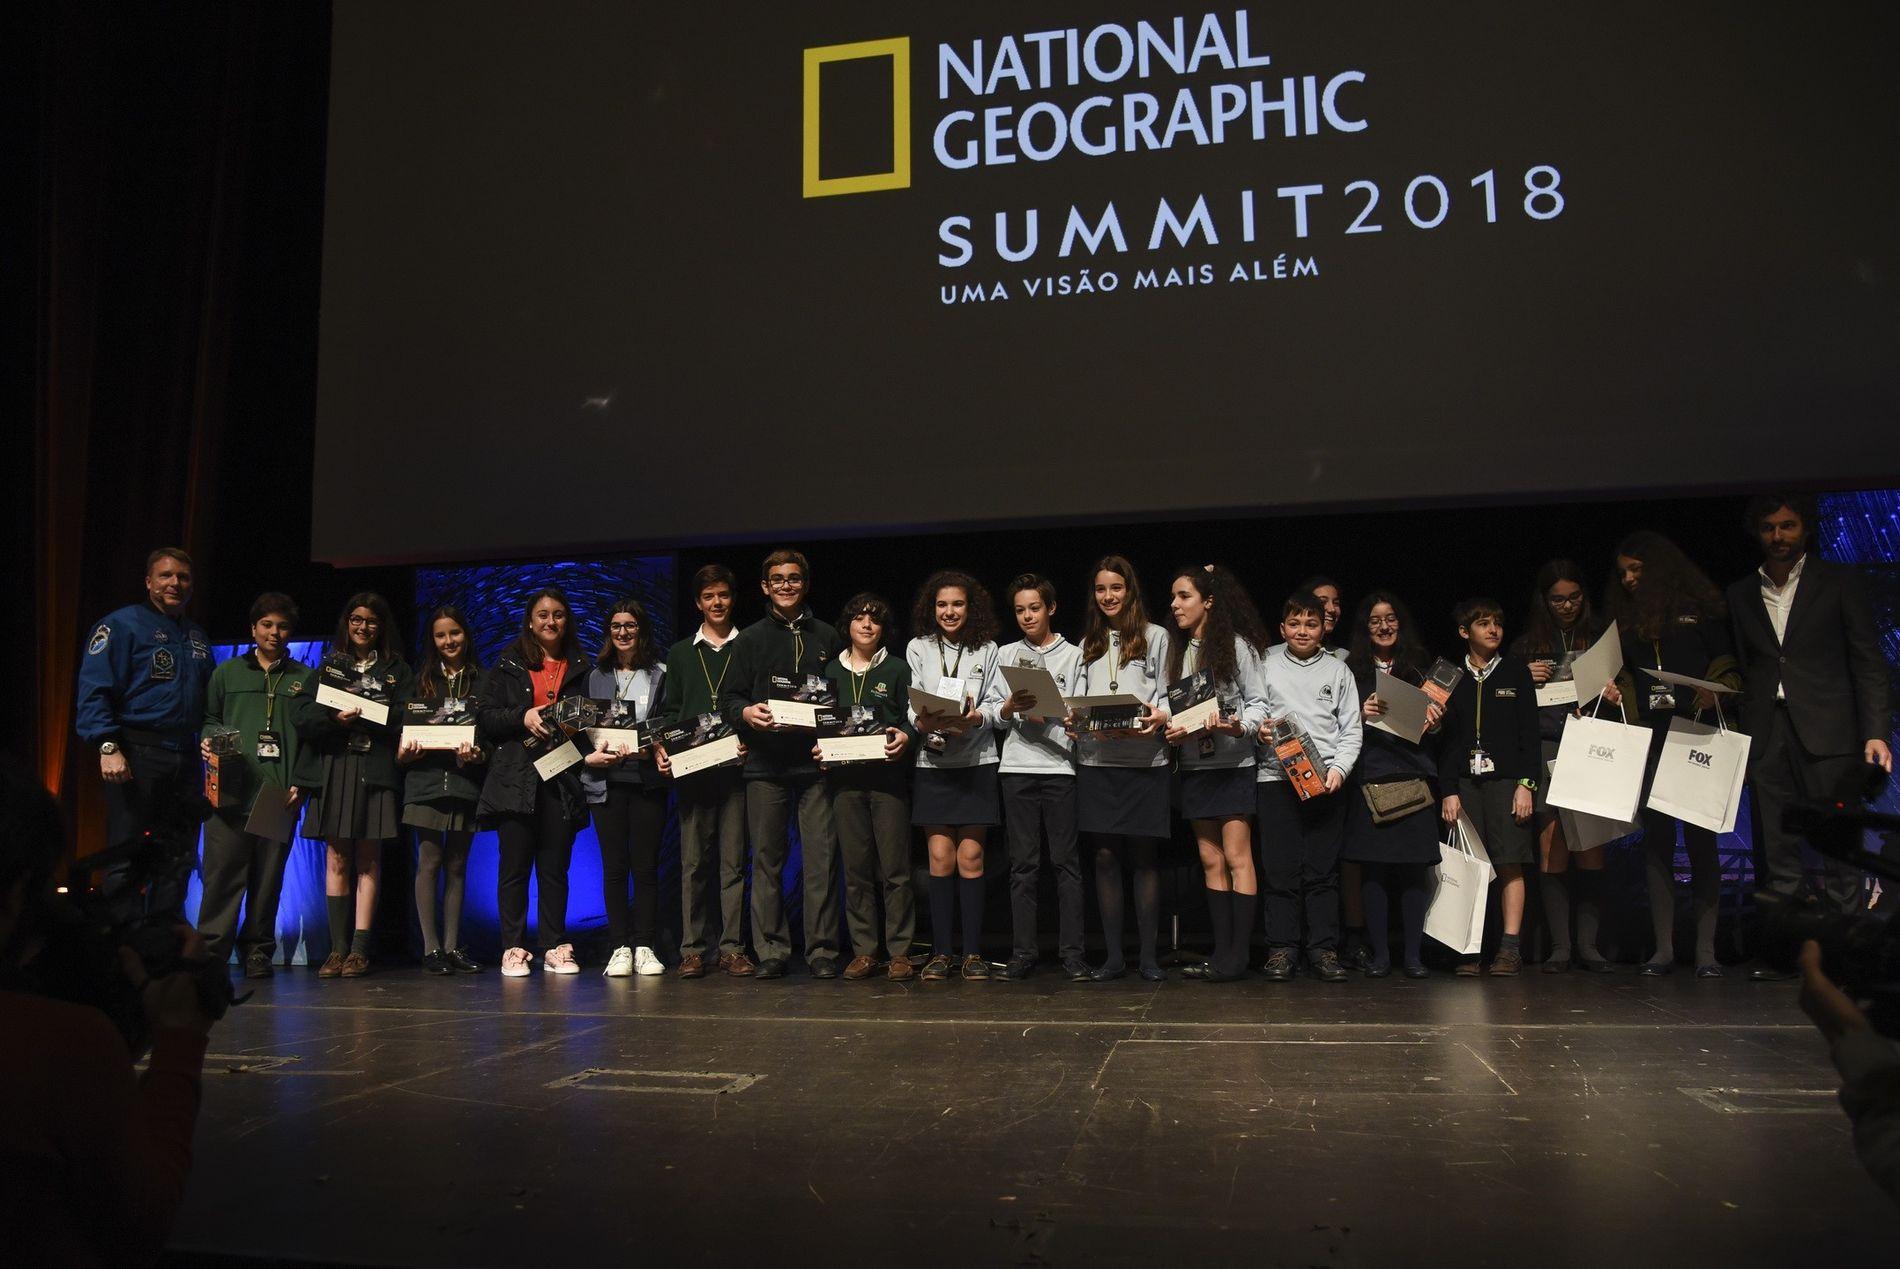 Alunos das escolas presentes no National Geographic Summit 2018